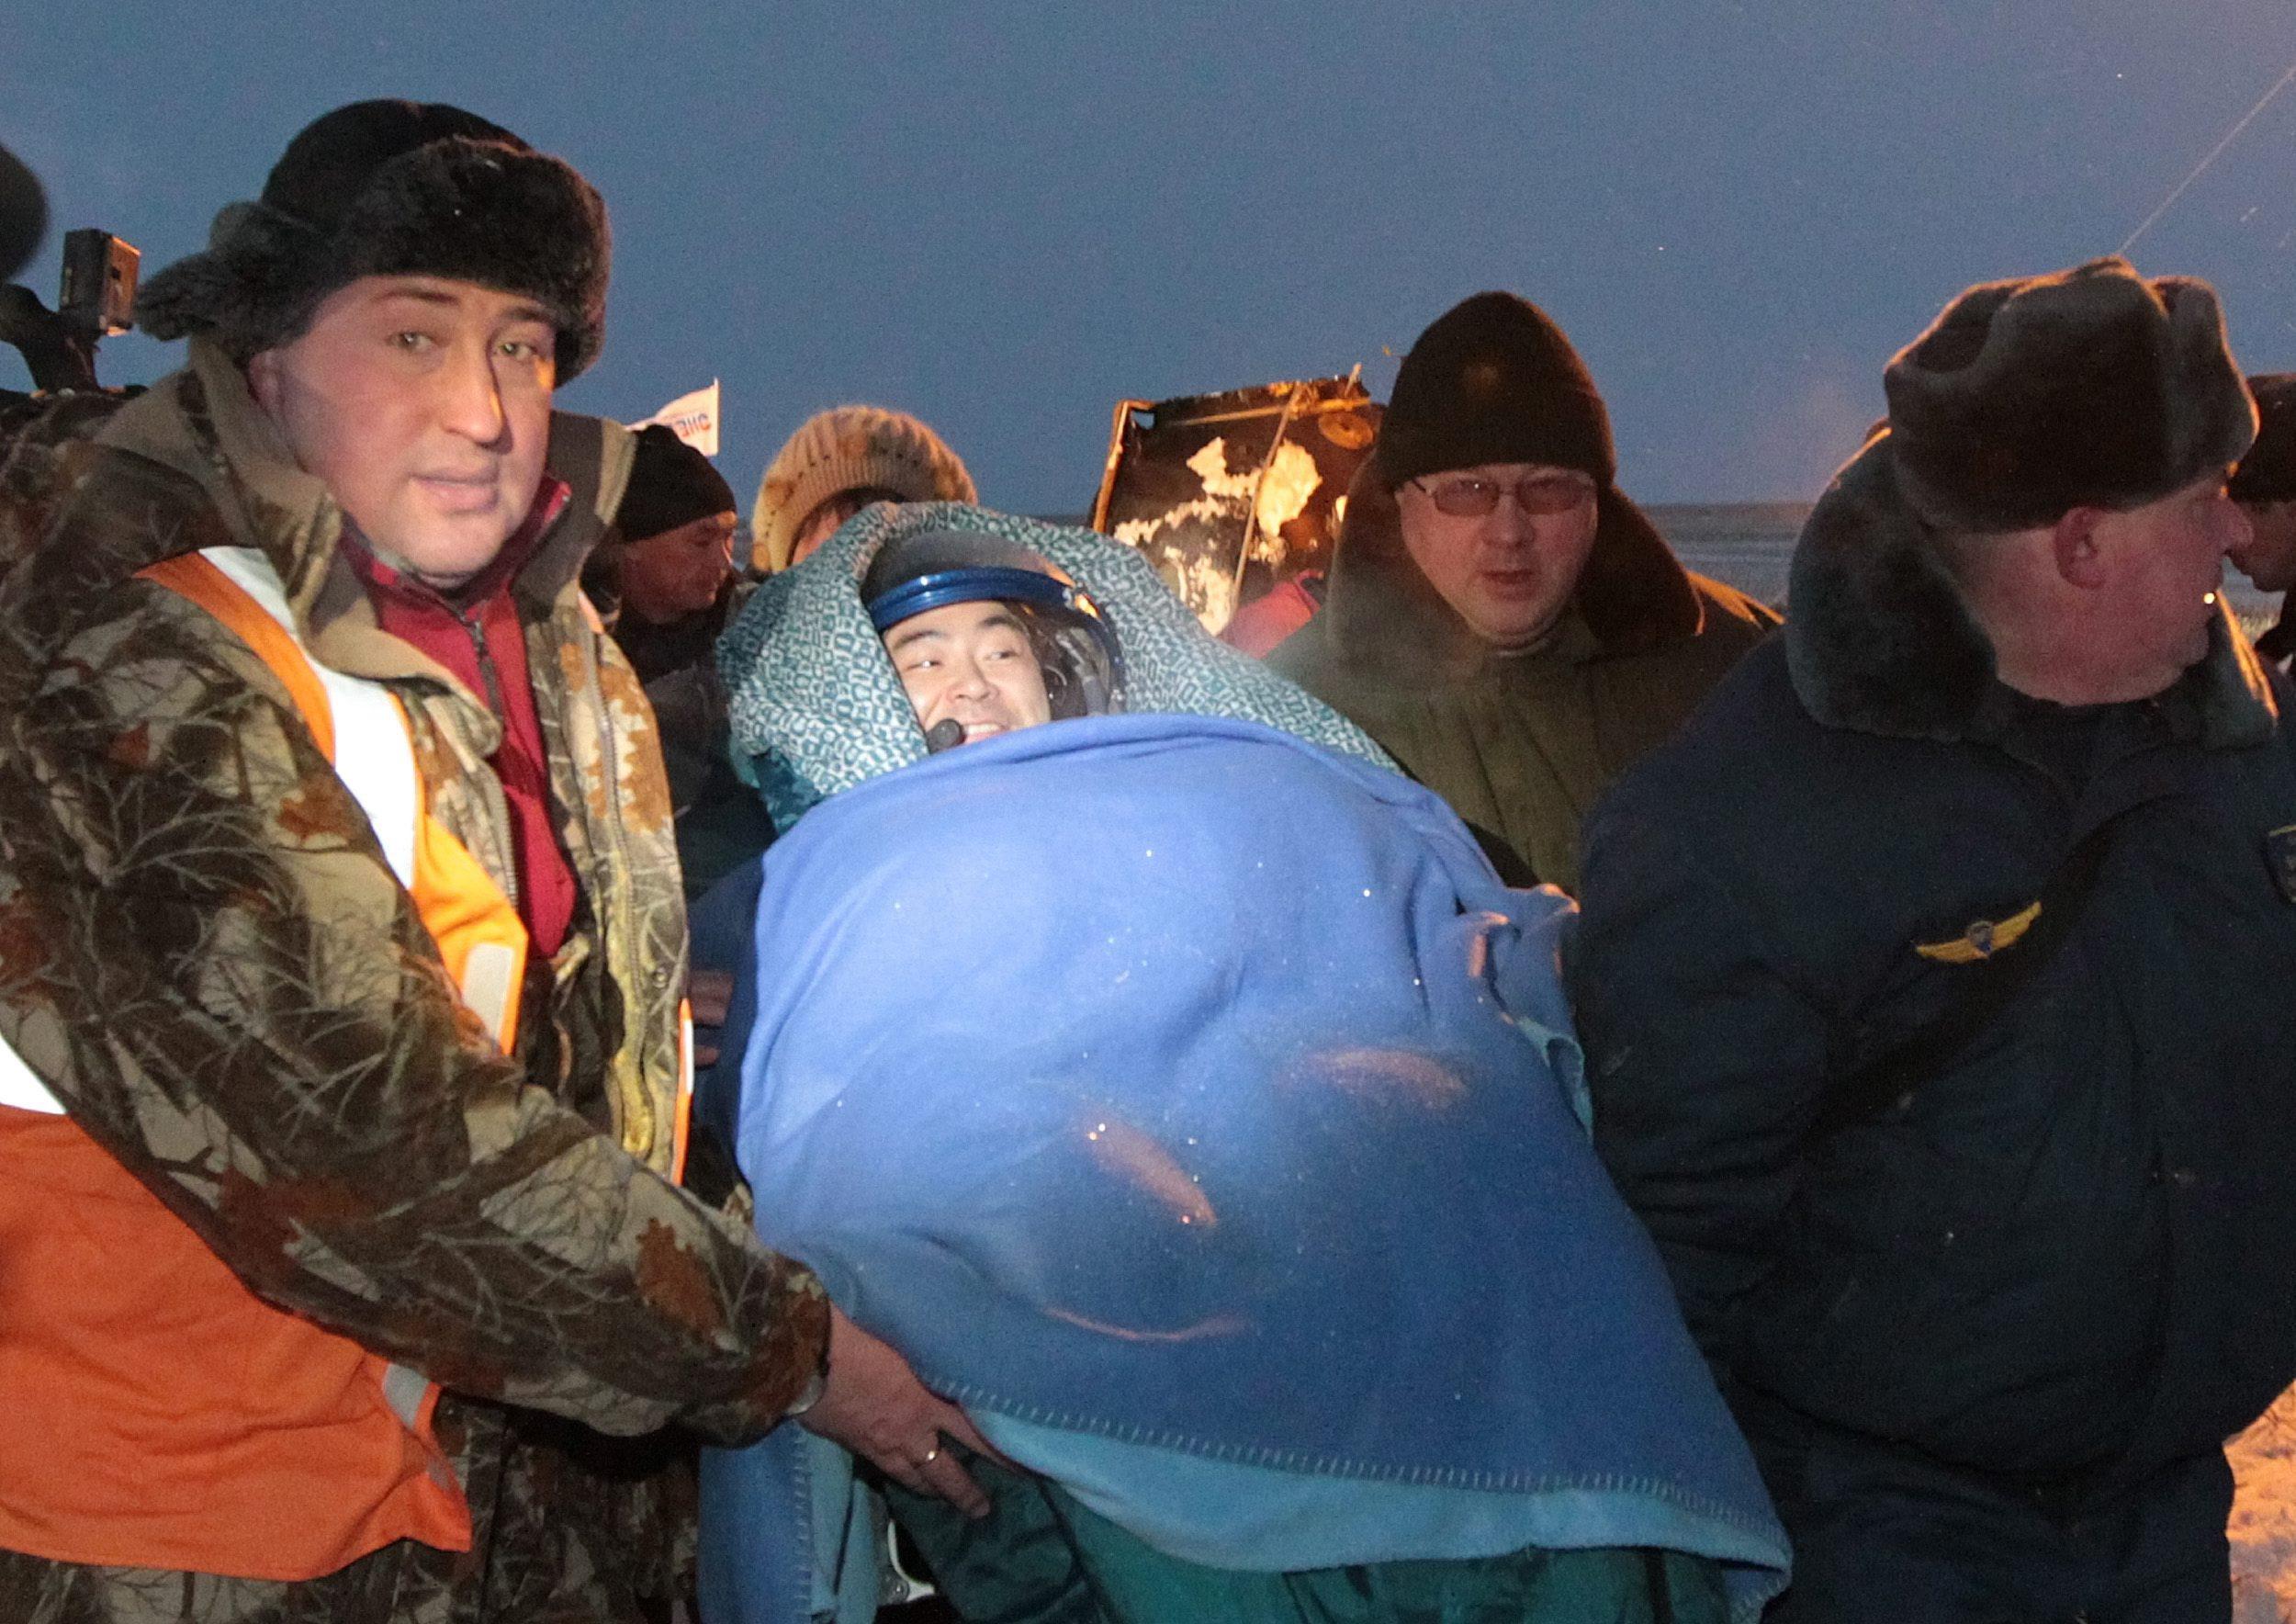 Landing of Soyuz 0